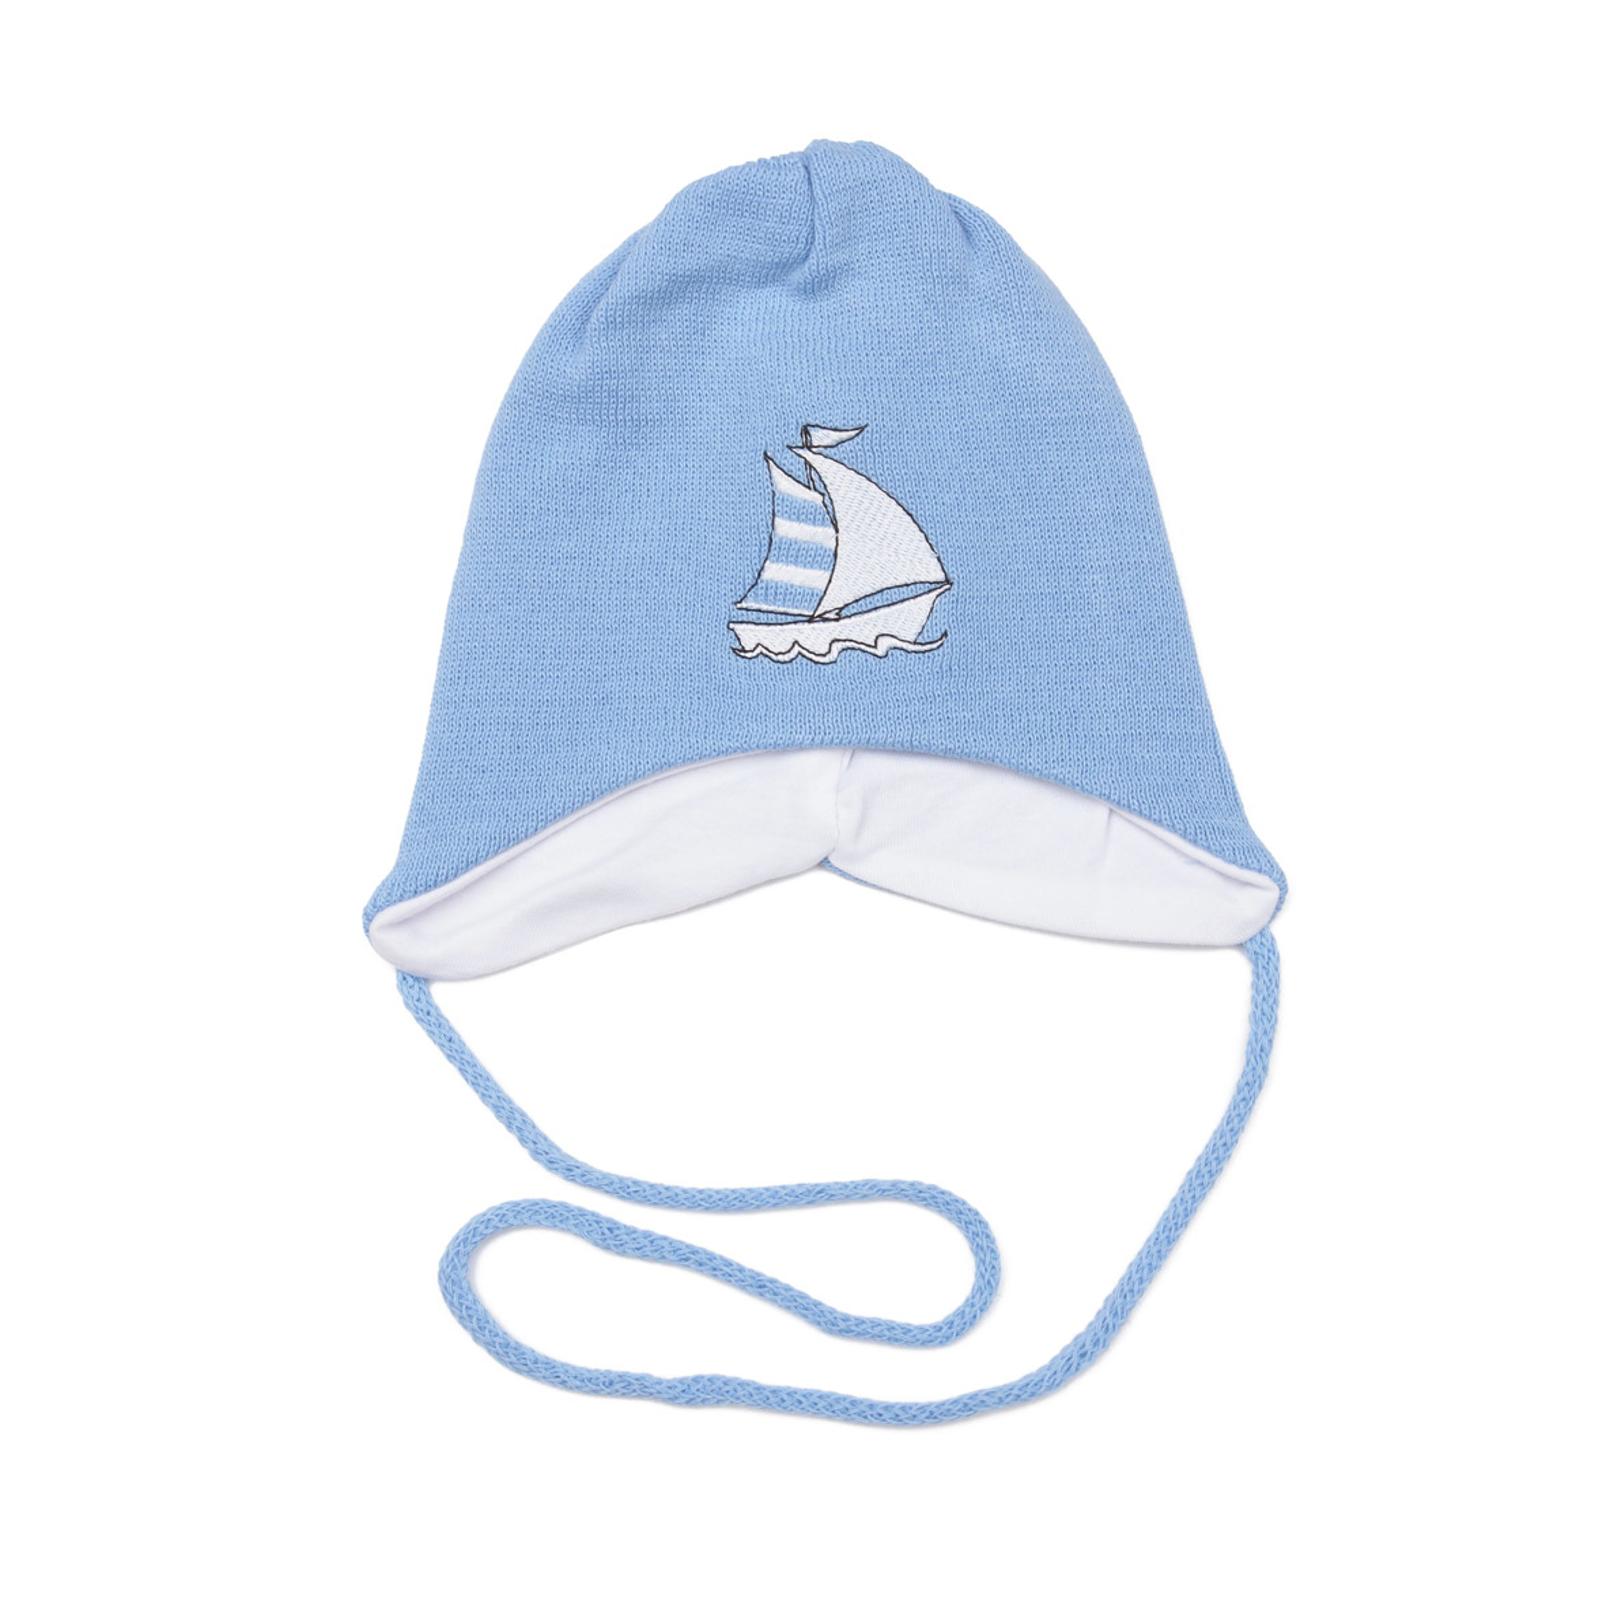 Шапка Aliap c корабликом, цвет - Голубой Размер 36-38